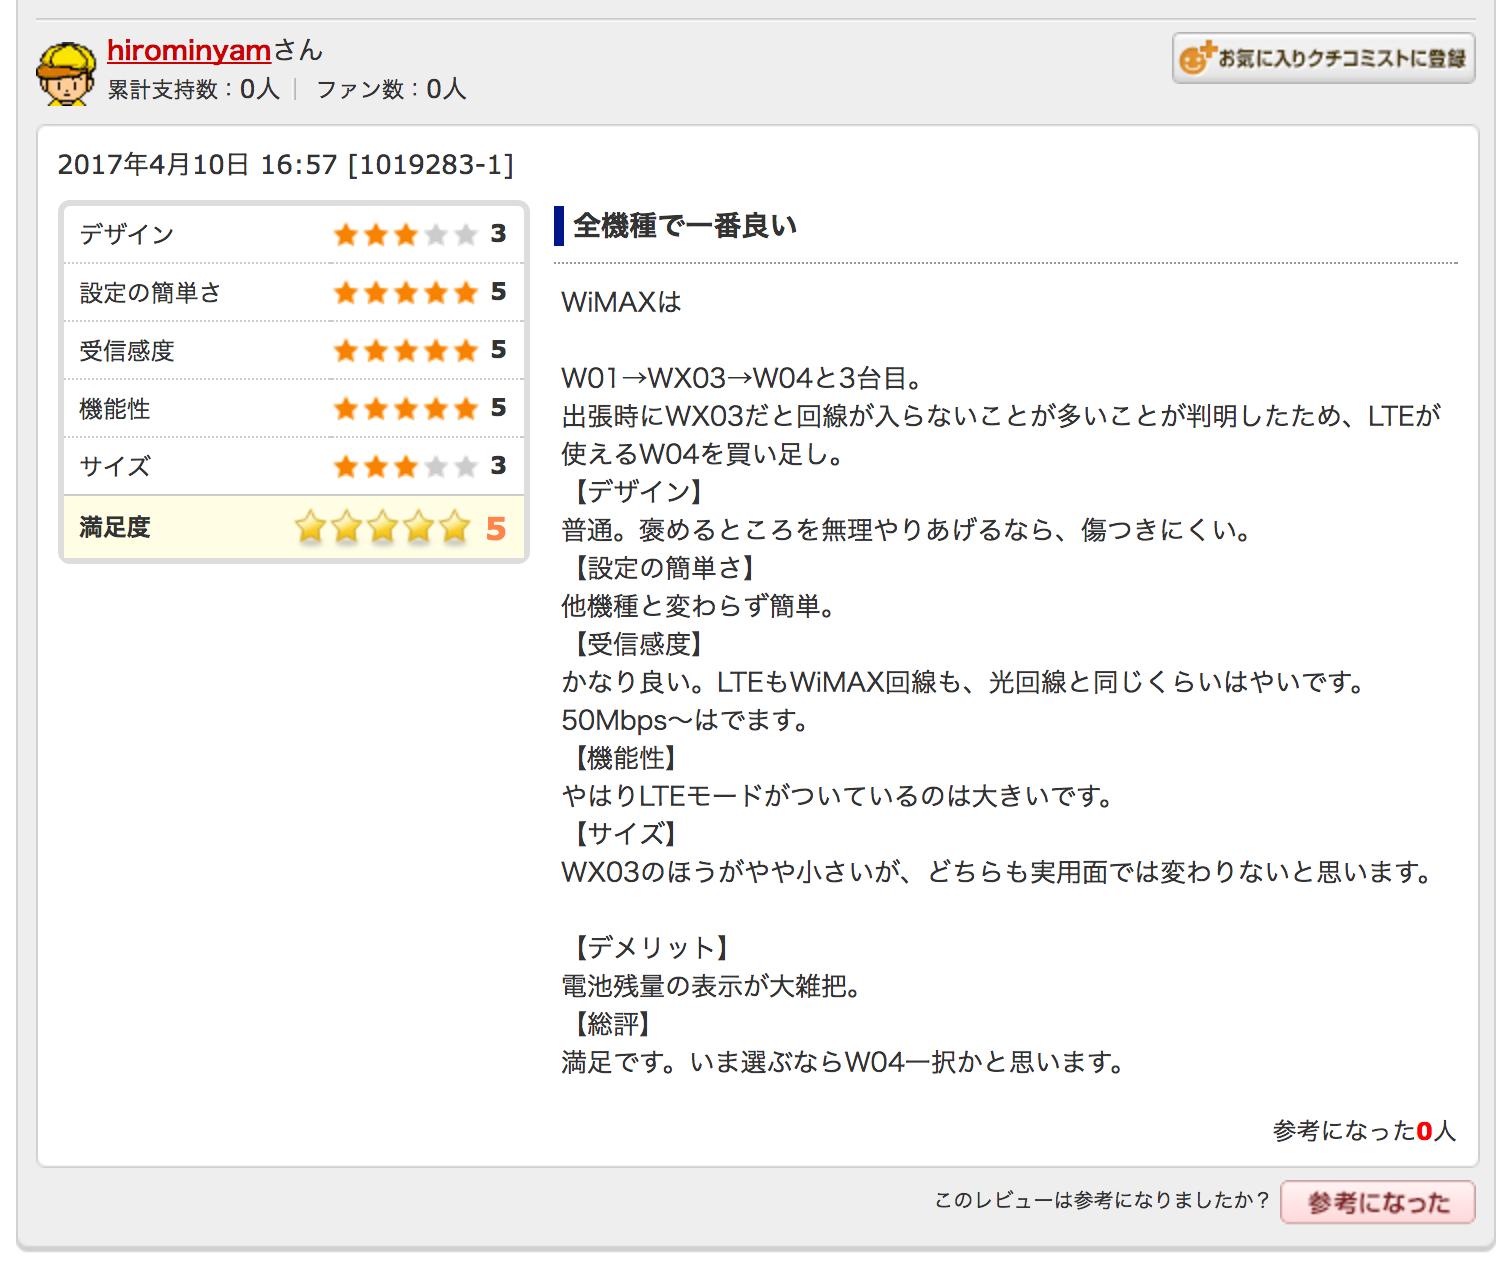 Wi-Fiルーター W04 評判2